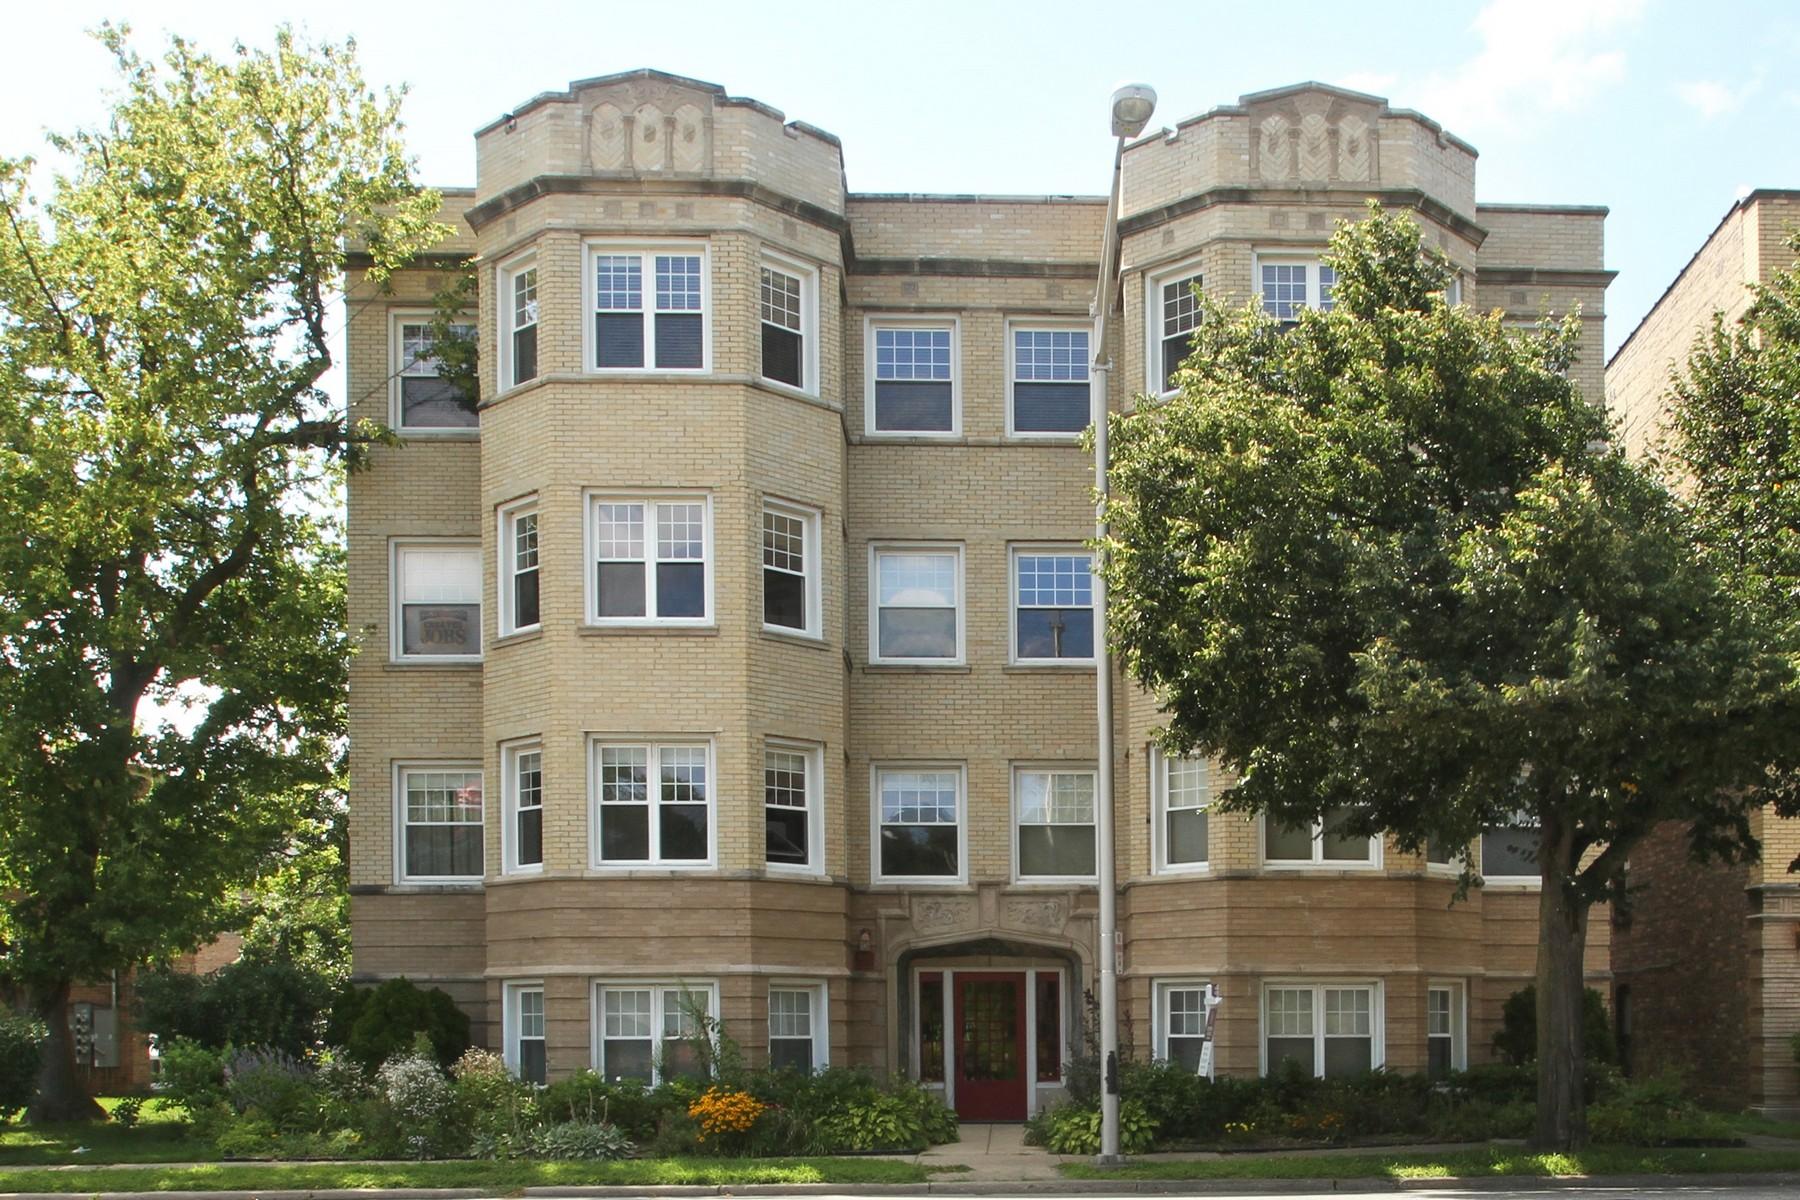 Eigentumswohnung für Verkauf beim Charming Vintage Condo 8910 Skokie Boulevard Unit 1S, Skokie, Illinois, 60077 Vereinigte Staaten